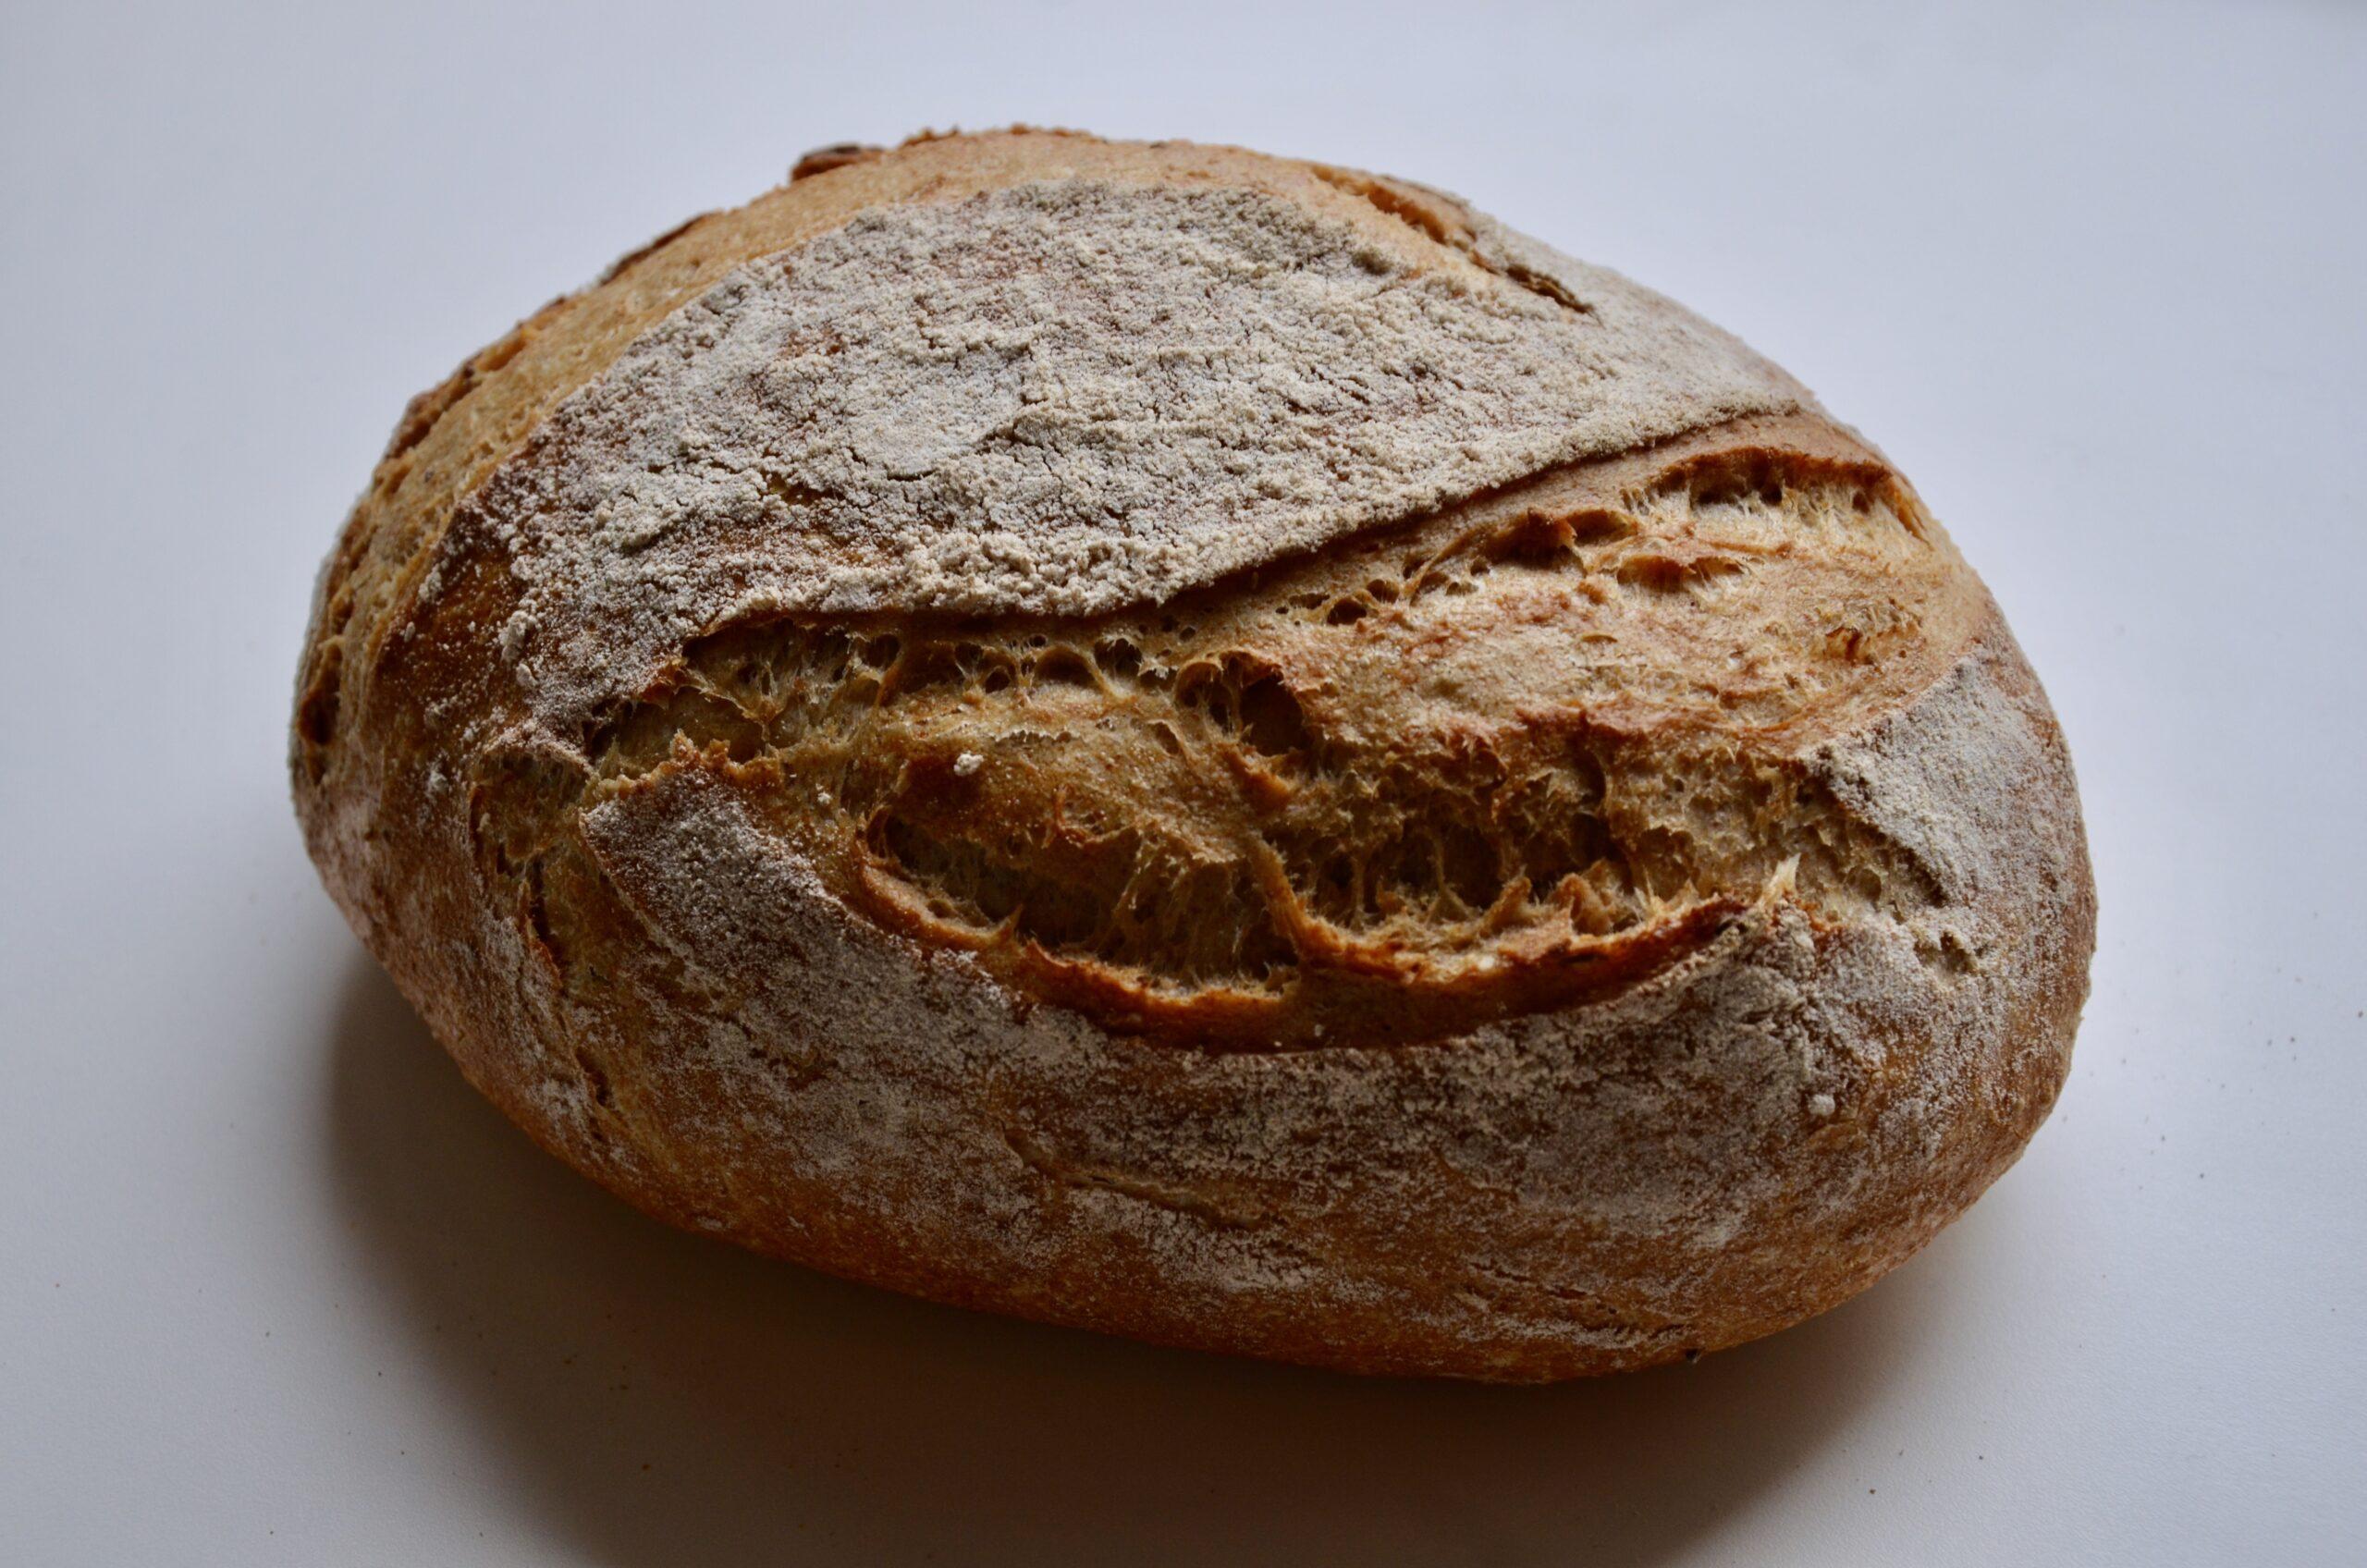 Dieses Foto zeigt das Brot von der breiten Seite. Durch Schattenwurf kommt die Kruste gut zur Geltung. Die Kruste fühlt sich spröde, knusprig, mehlig an. Wenn man mit dem Finger darüberfährt bleibt man teilweise an etwas spitzeren, knusprigen auswürfen des Teiges hängen.